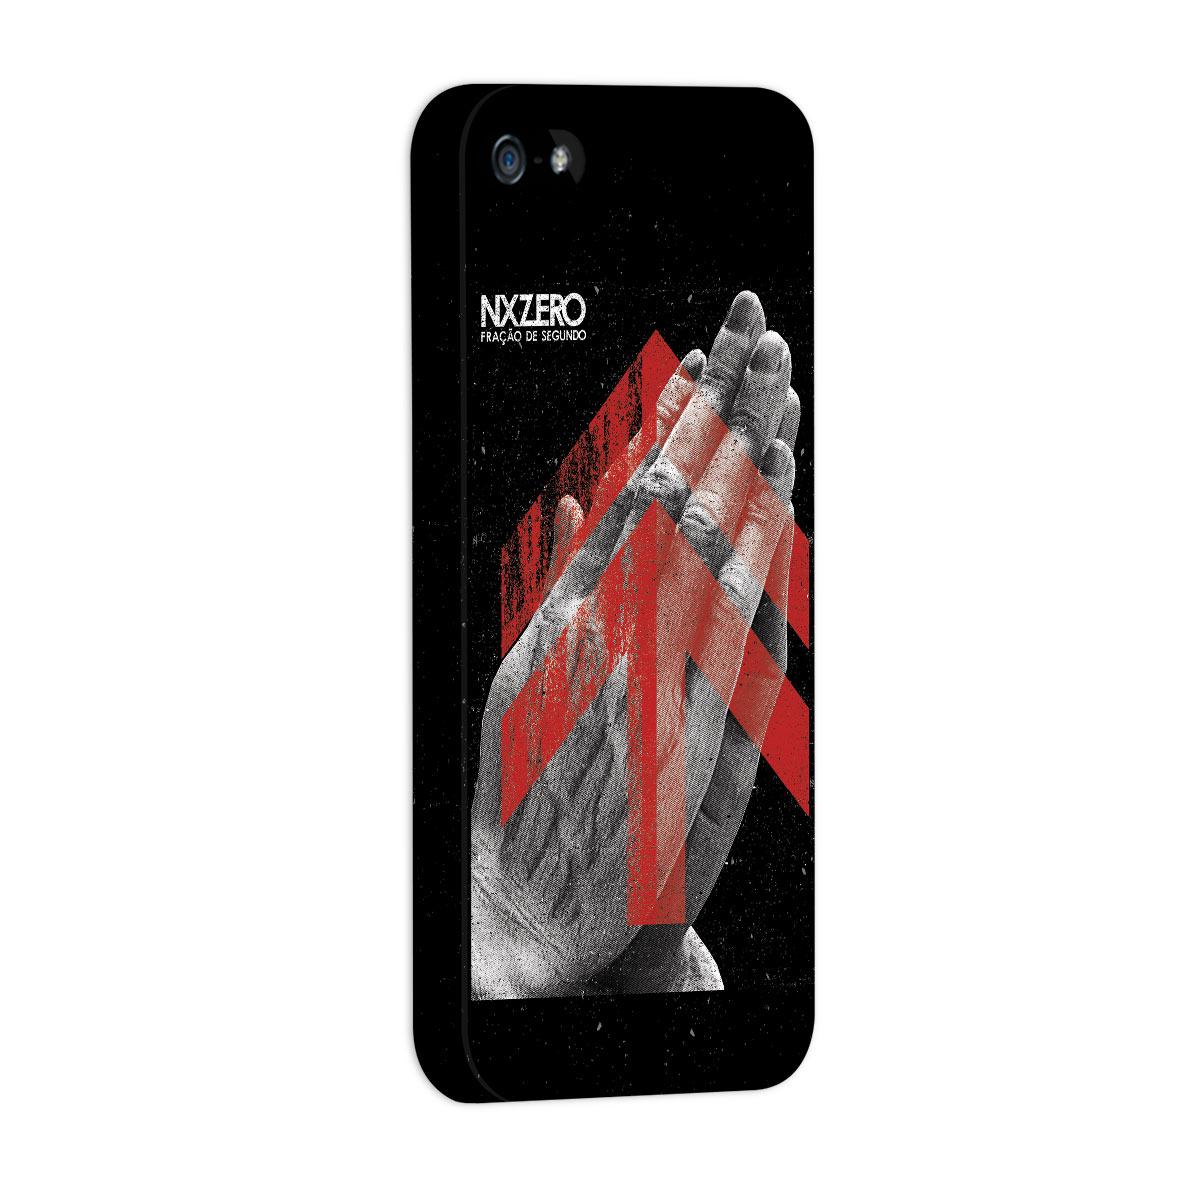 Capa para iPhone 5/5S NXZero Fração de Segundo